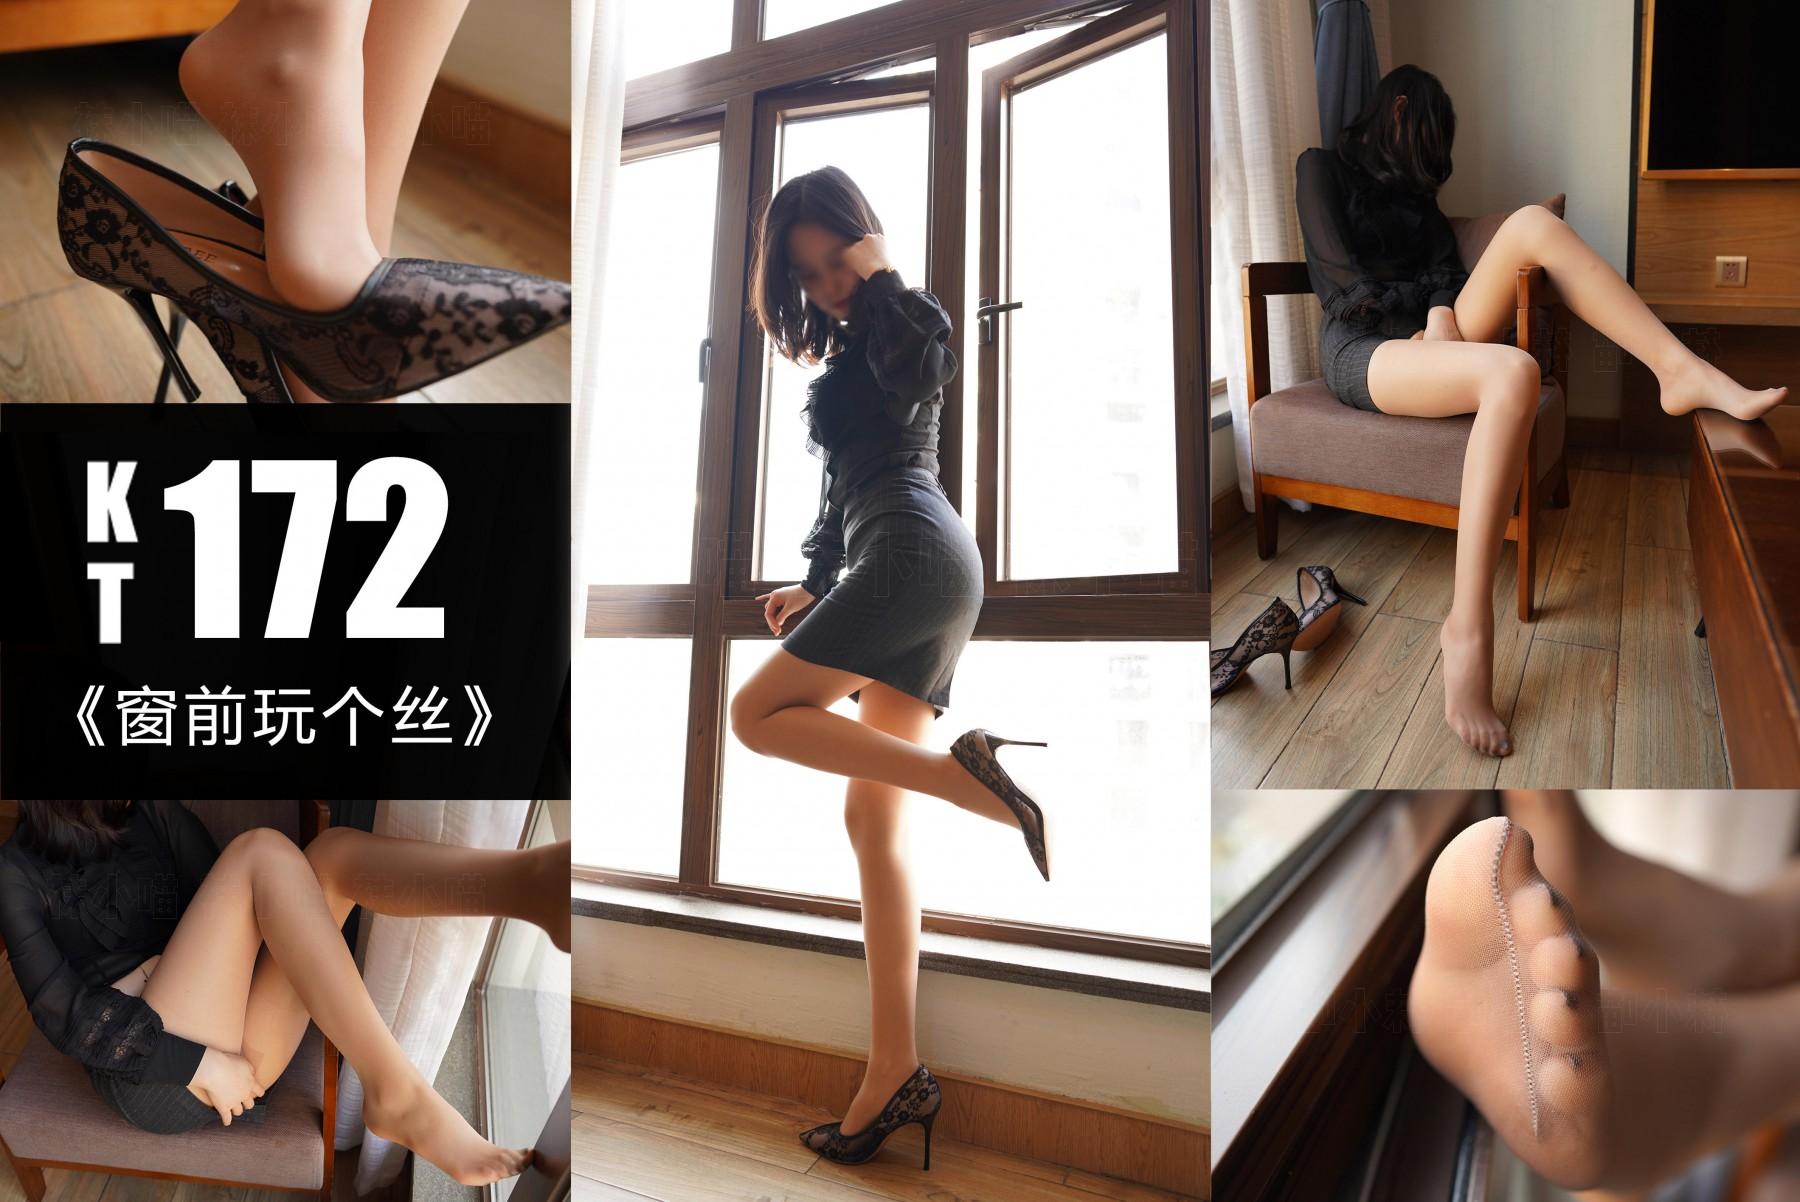 KittyWawa KT172 《窗前玩个丝》